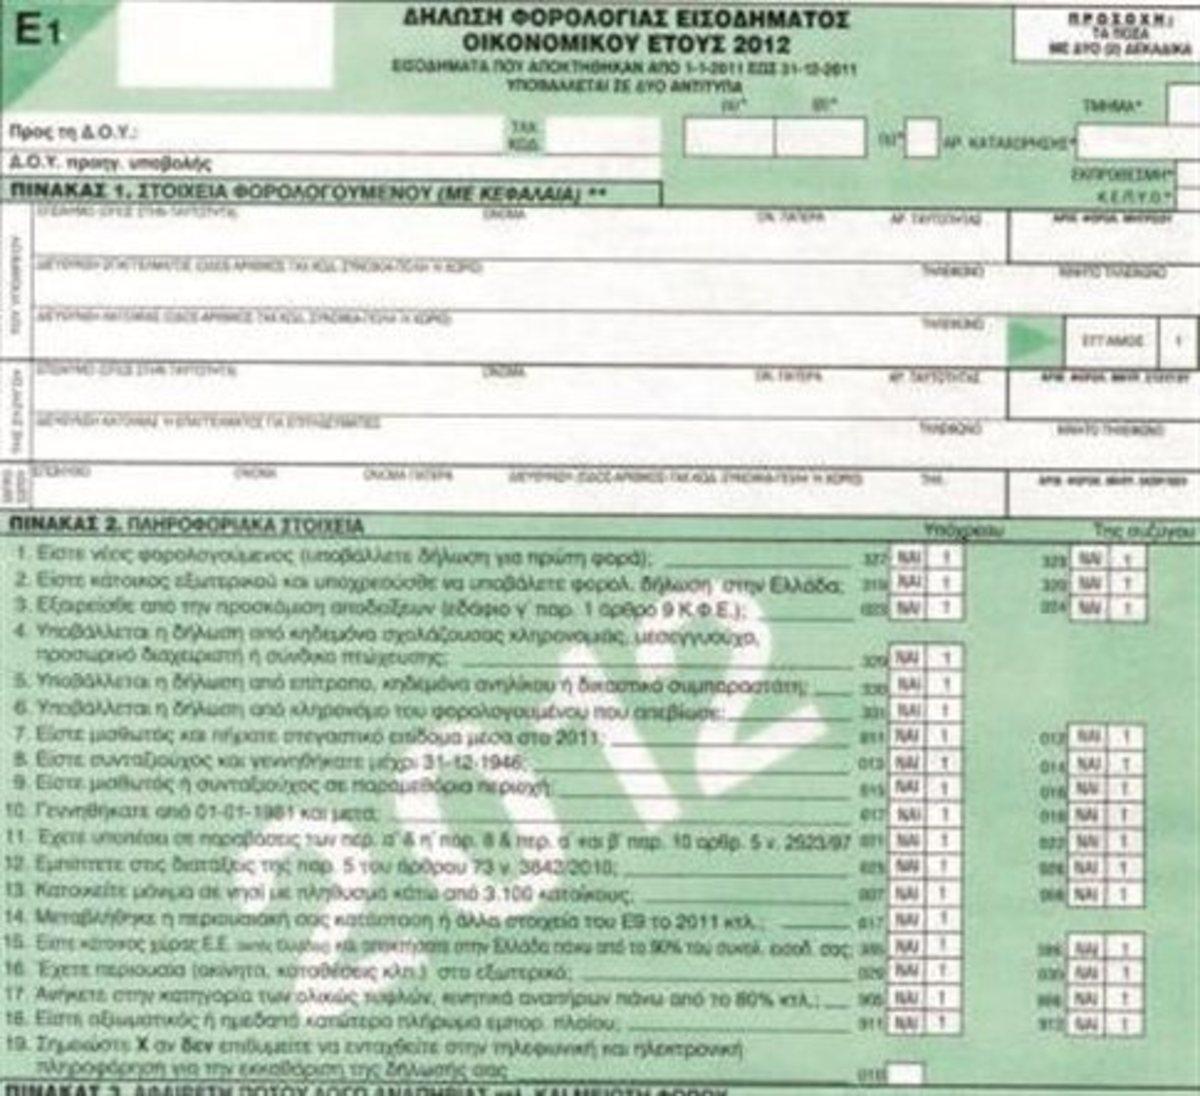 Παράταση έως τις 31/07 έδωσε το υπ.Οικονομικών για την υποβολή των φορολογικών δηλώσεων – Κινδύνευε να καταρρεύσει το σύστημα | Newsit.gr